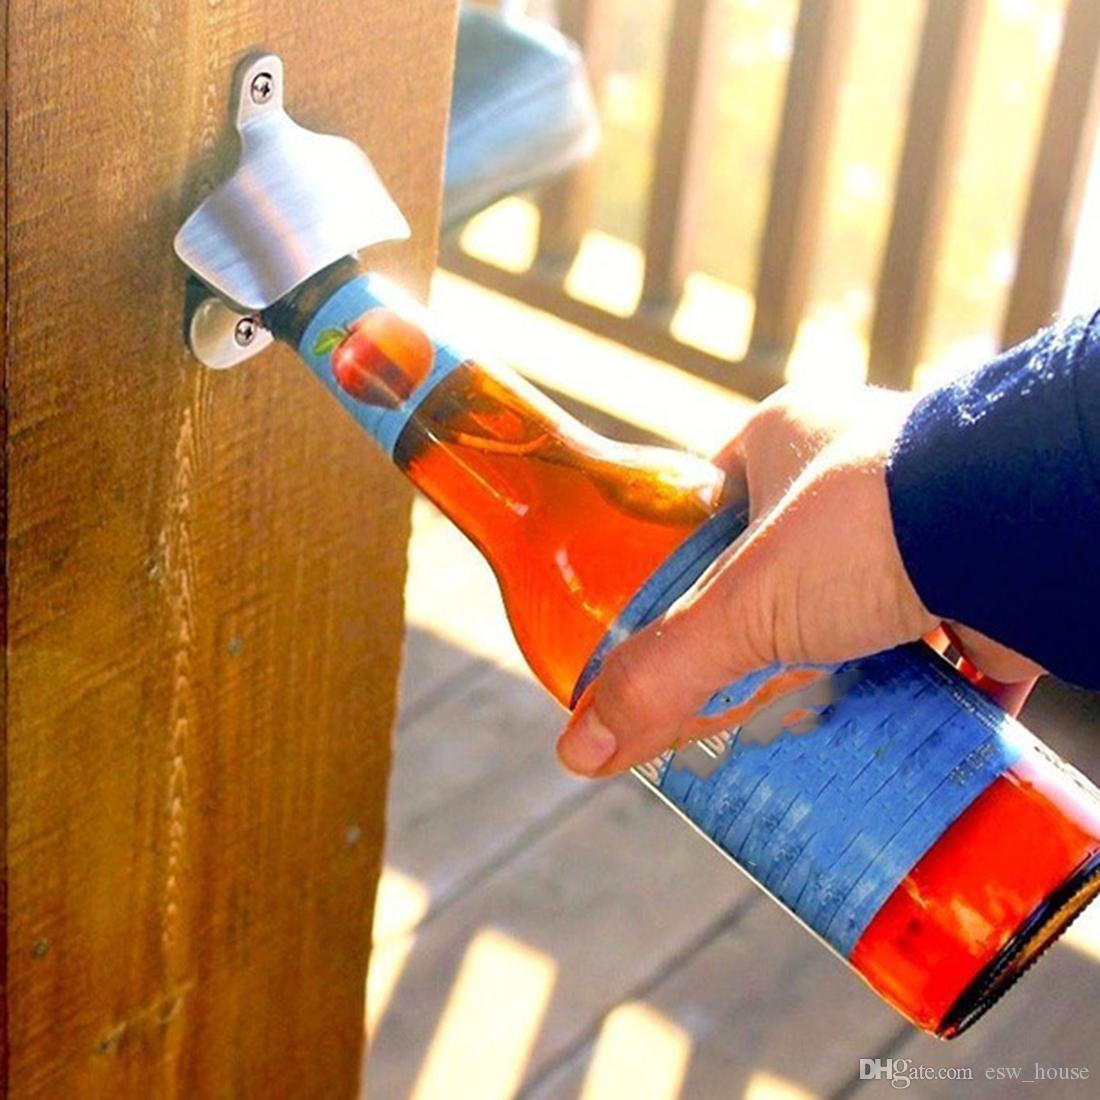 الفولاذ المقاوم للصدأ جدار الخيالة فتاحة زجاجات فتاحة زجاجات الحائط الإبداعية فتاحة زجاجات البيرة استخدام مسامير الإصلاح على الحائط شحن مجاني